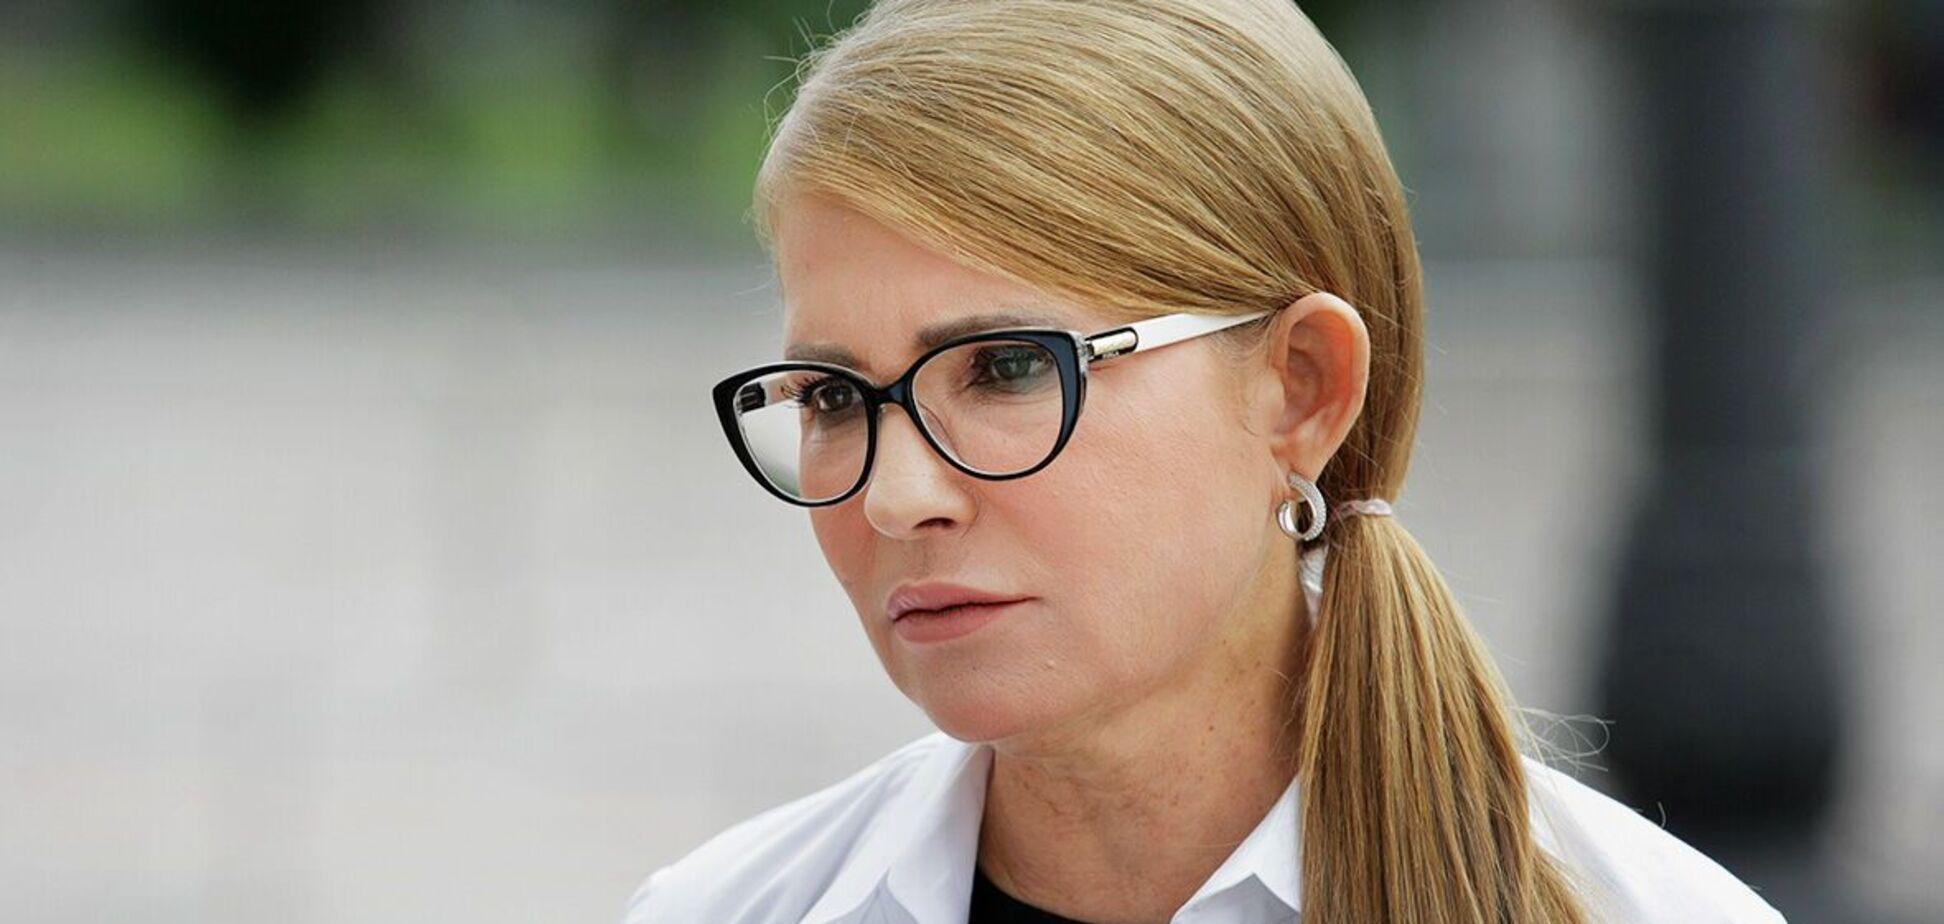 Действующий состав НКРЭКУ иллюстрирует коррупцию и некомпетентность, – Тимошенко